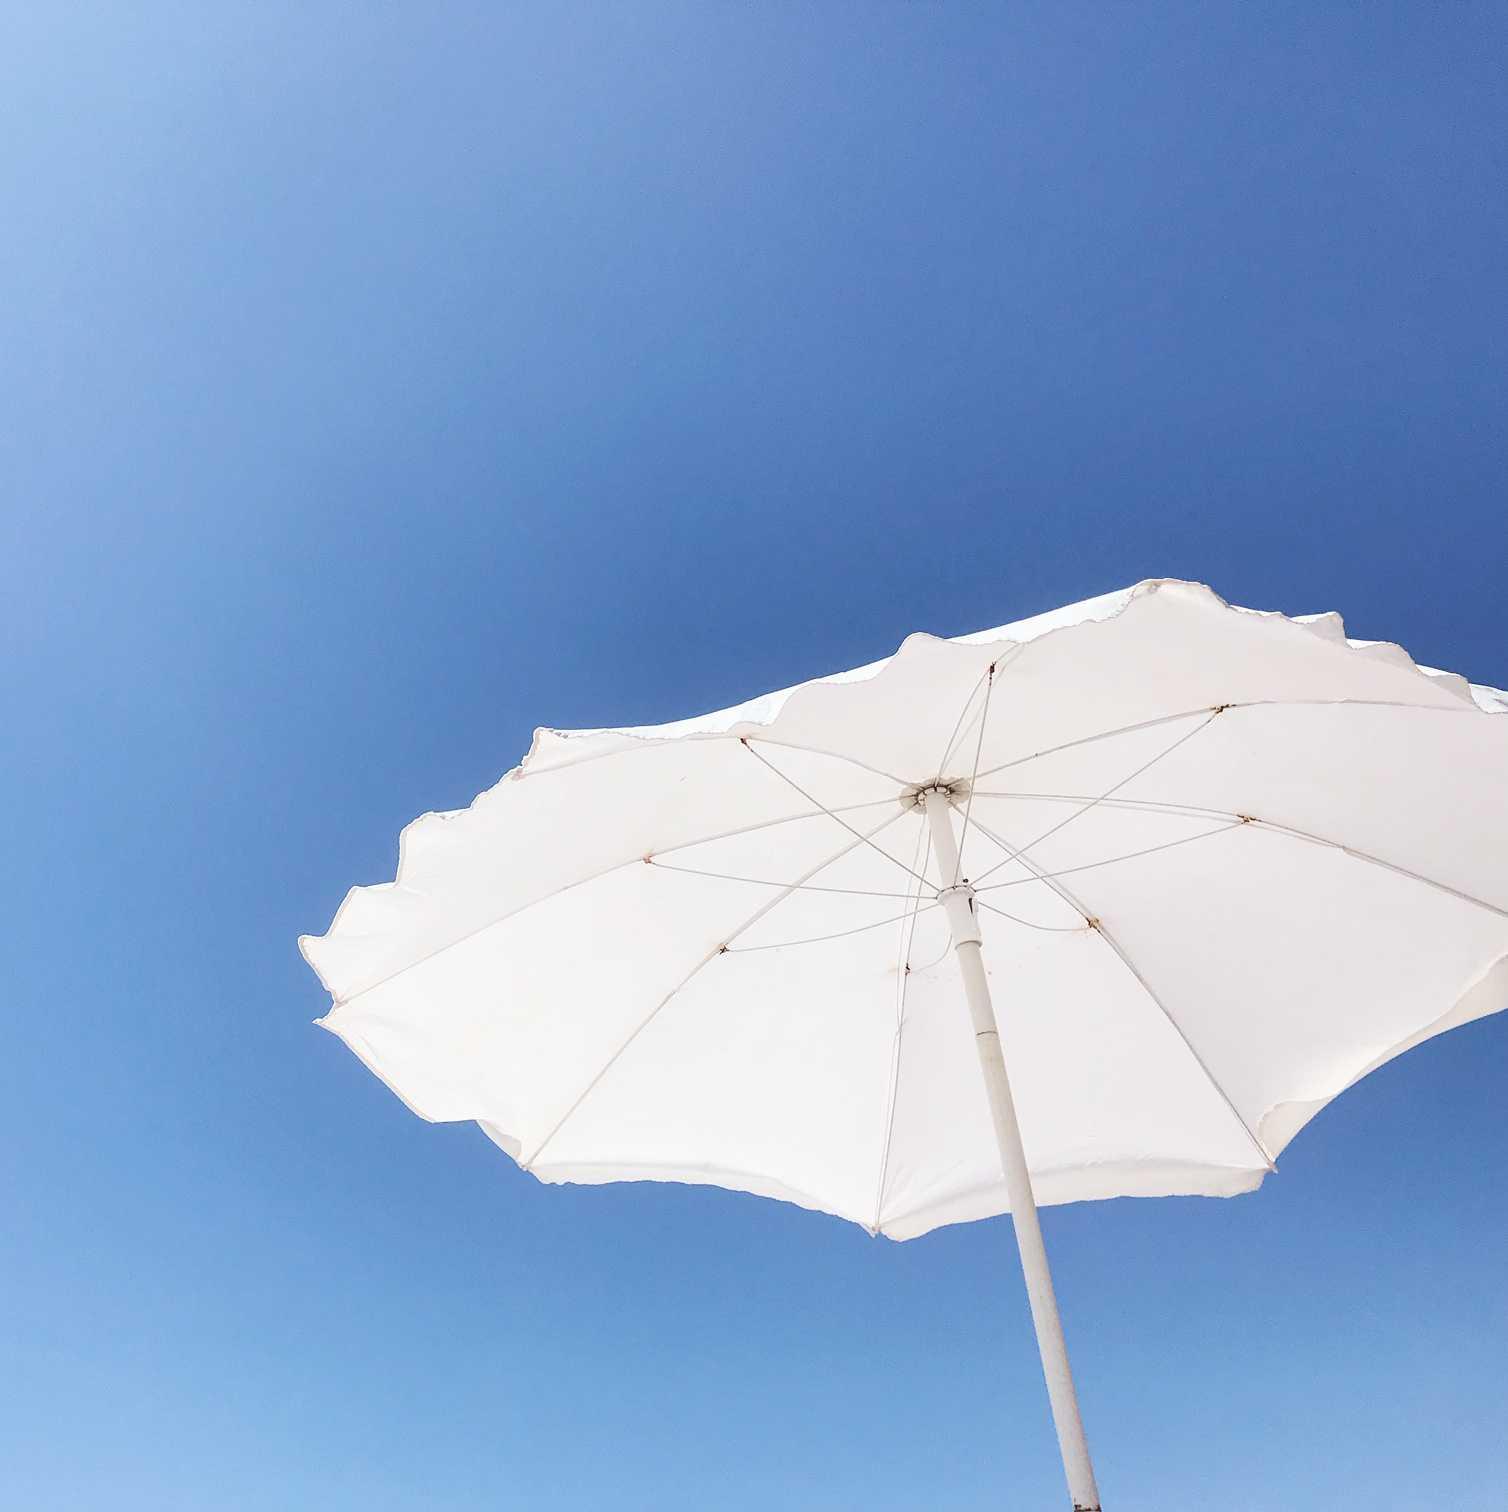 Co značí jednotlivé parametry slunečních brýlí?